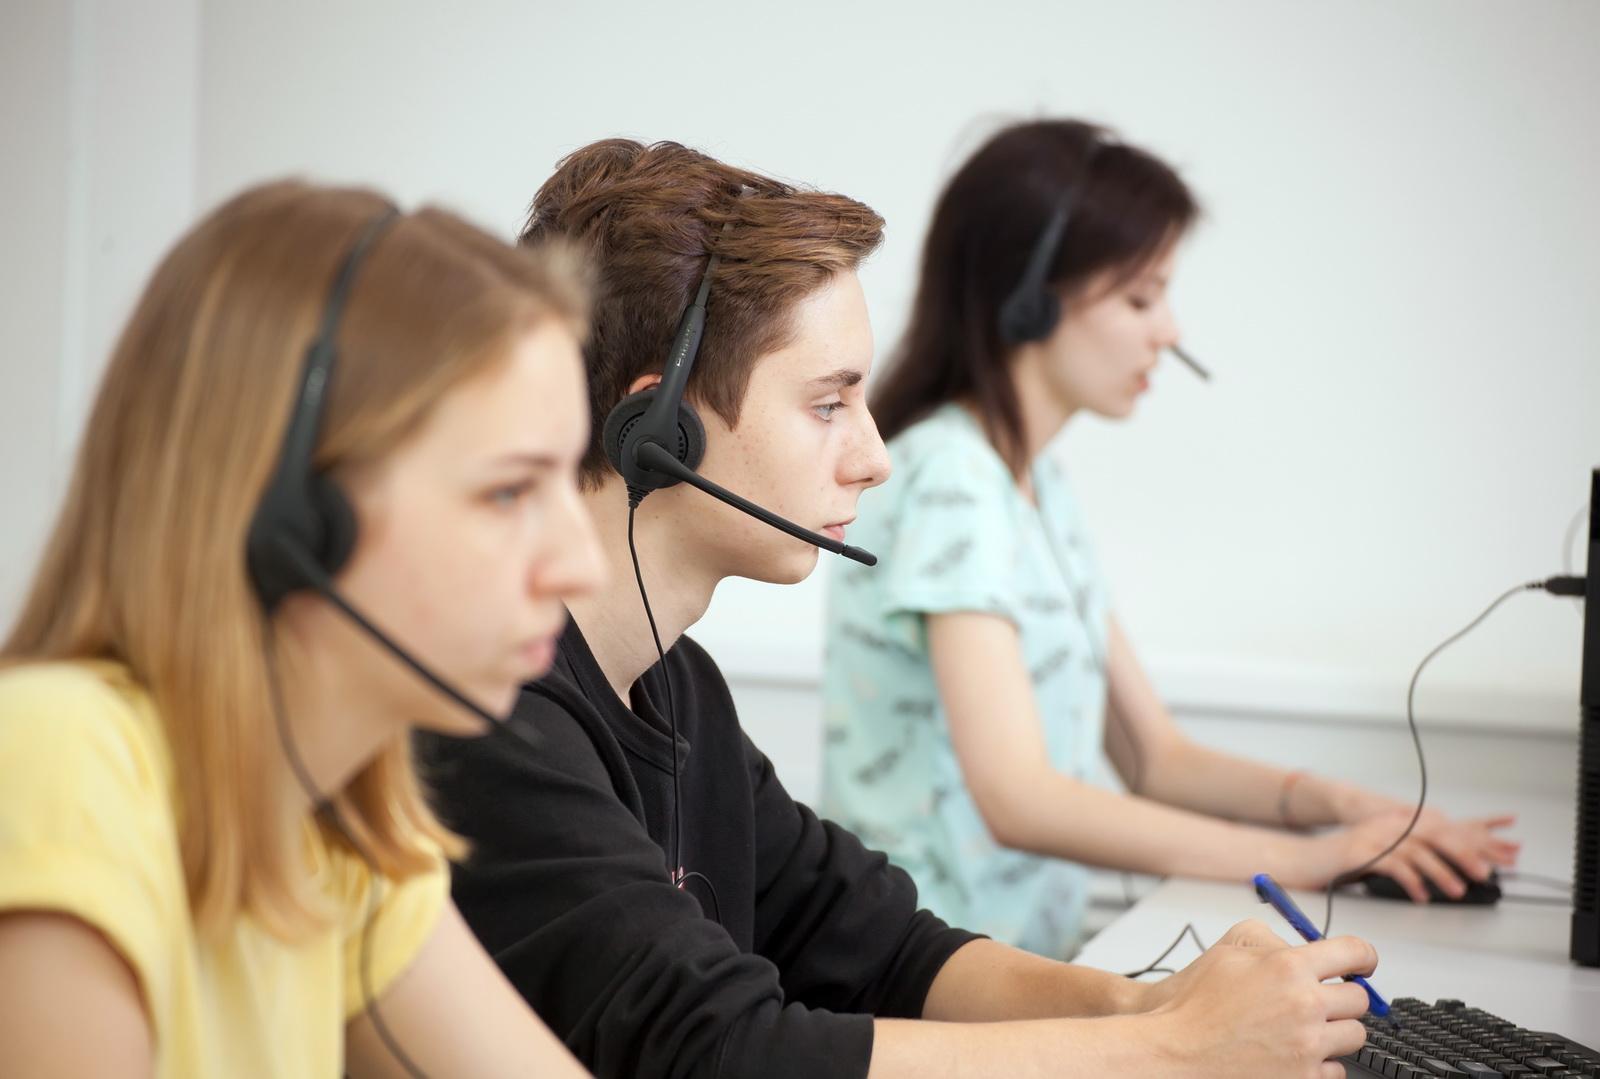 «Ростелеком» организовал контакт-центр для агрегатора «Около»